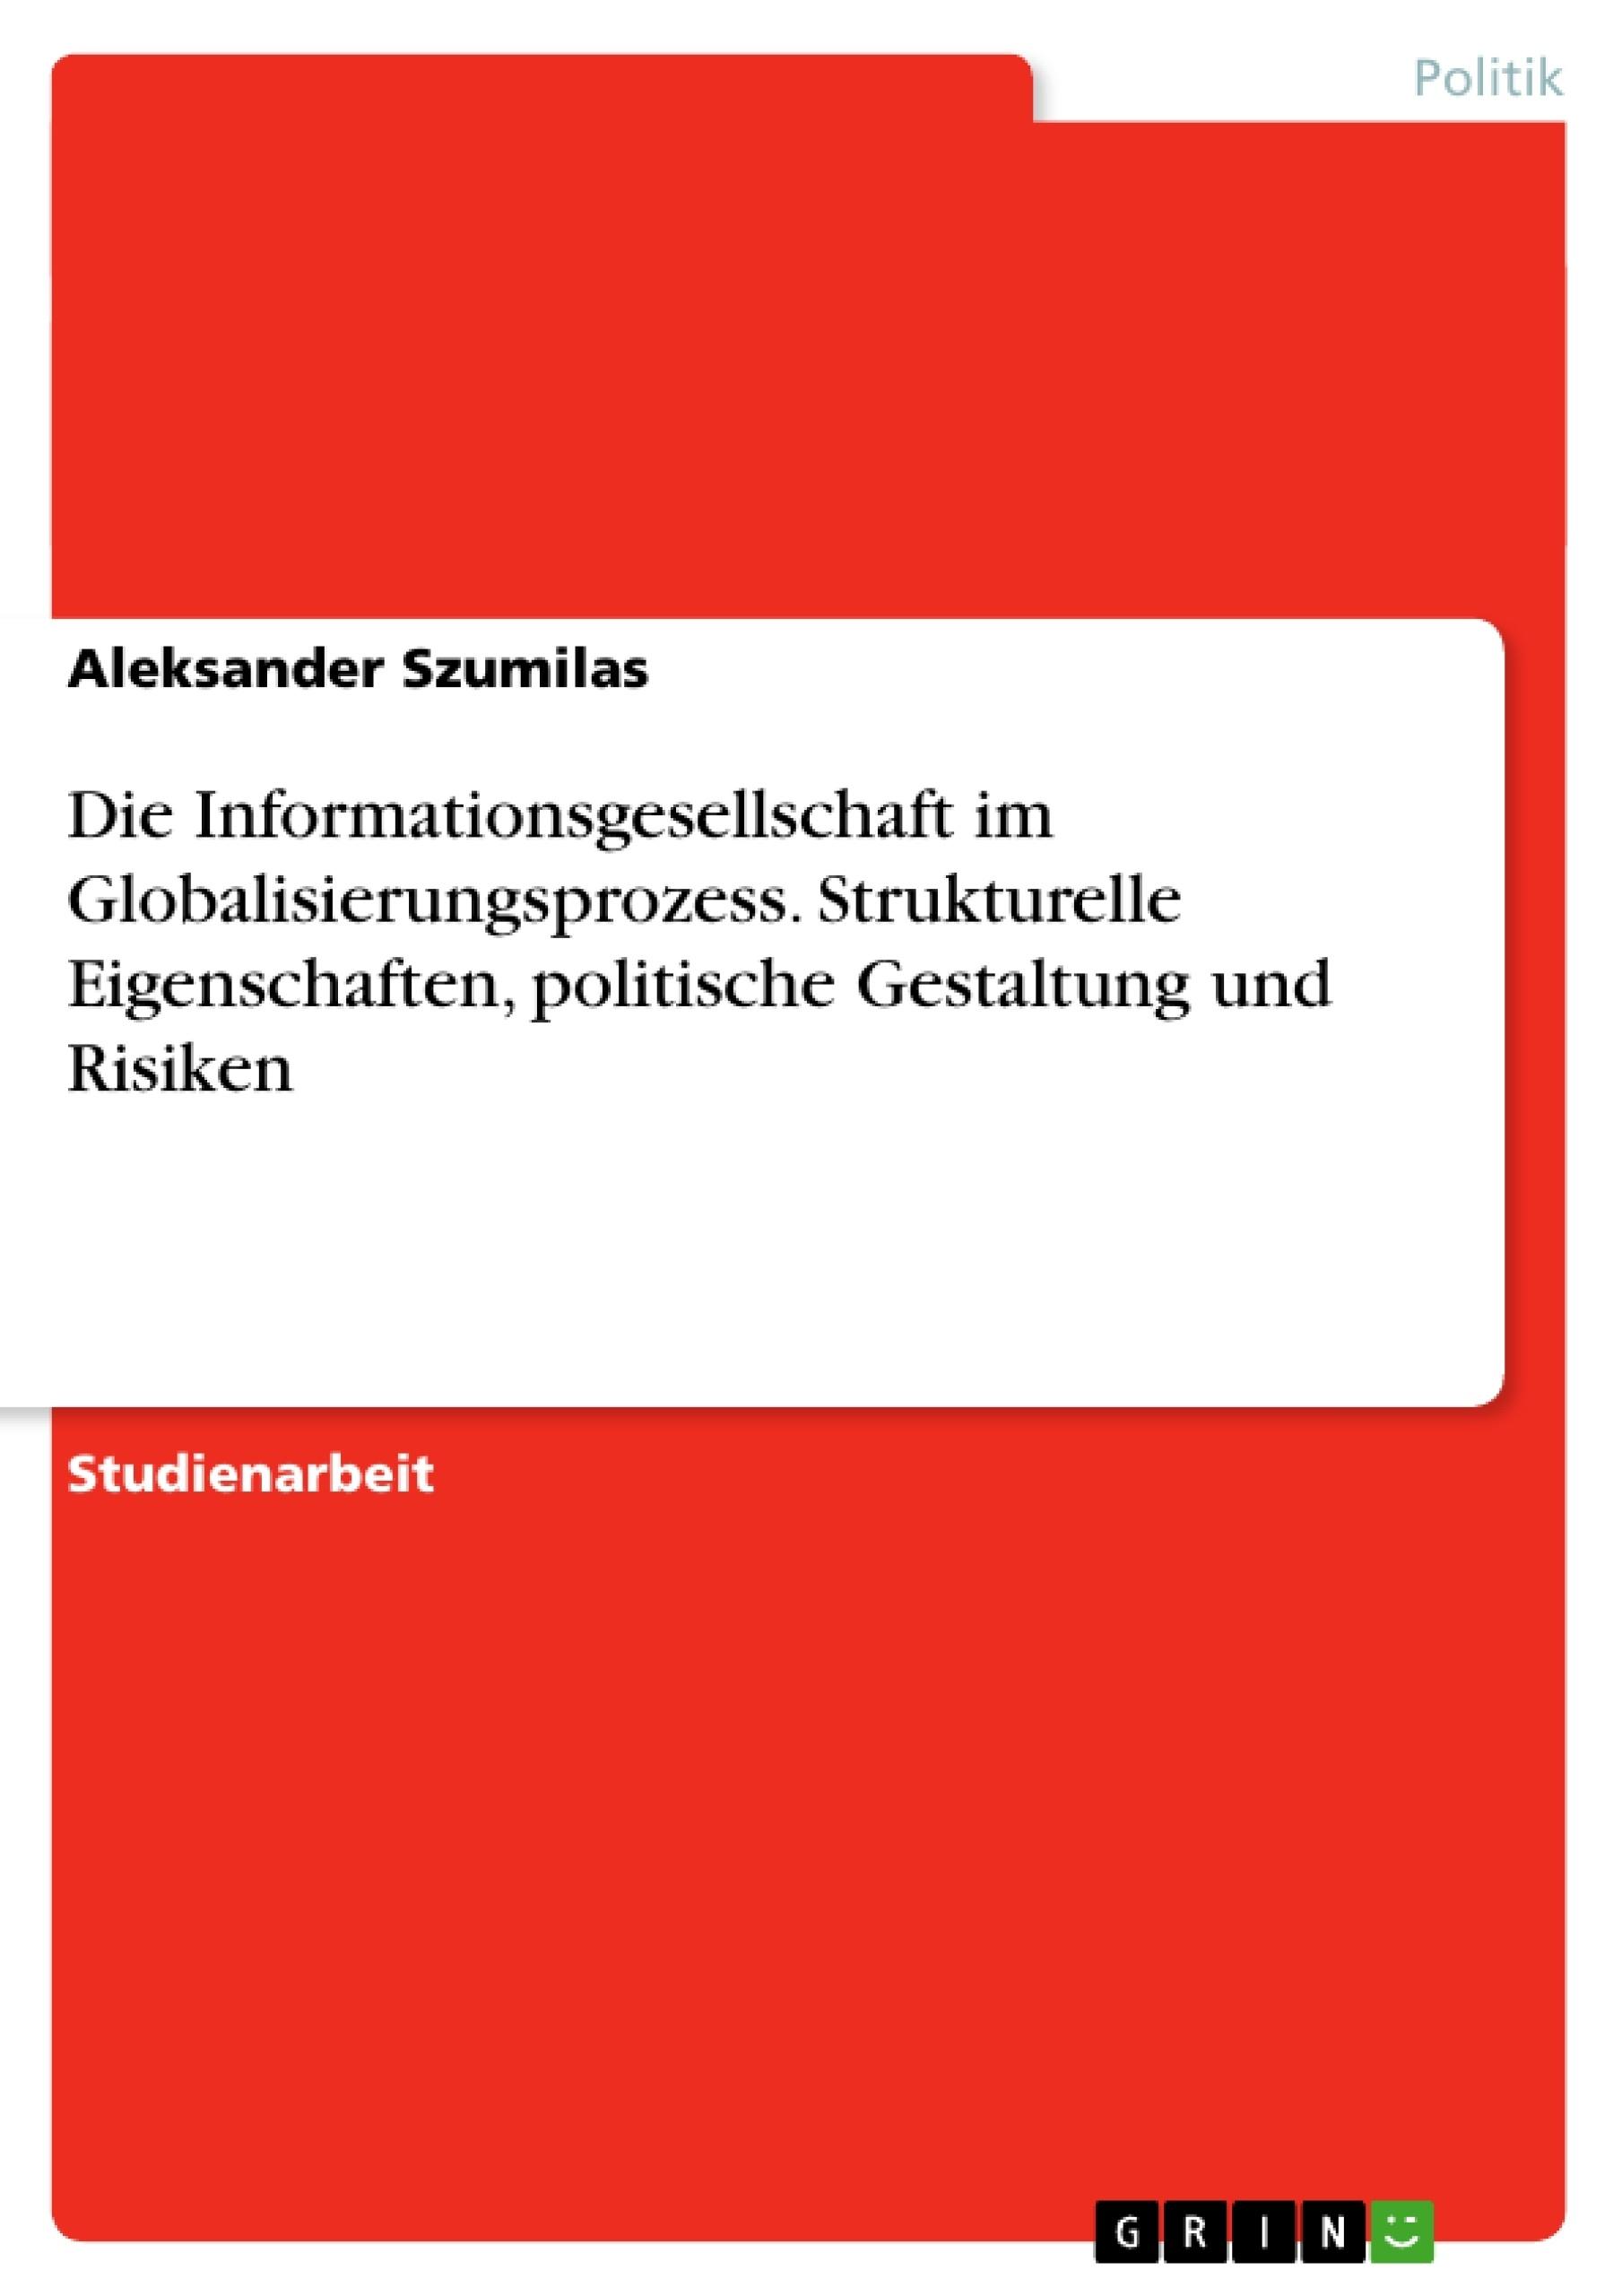 Titel: Die Informationsgesellschaft im Globalisierungsprozess. Strukturelle Eigenschaften, politische Gestaltung und Risiken